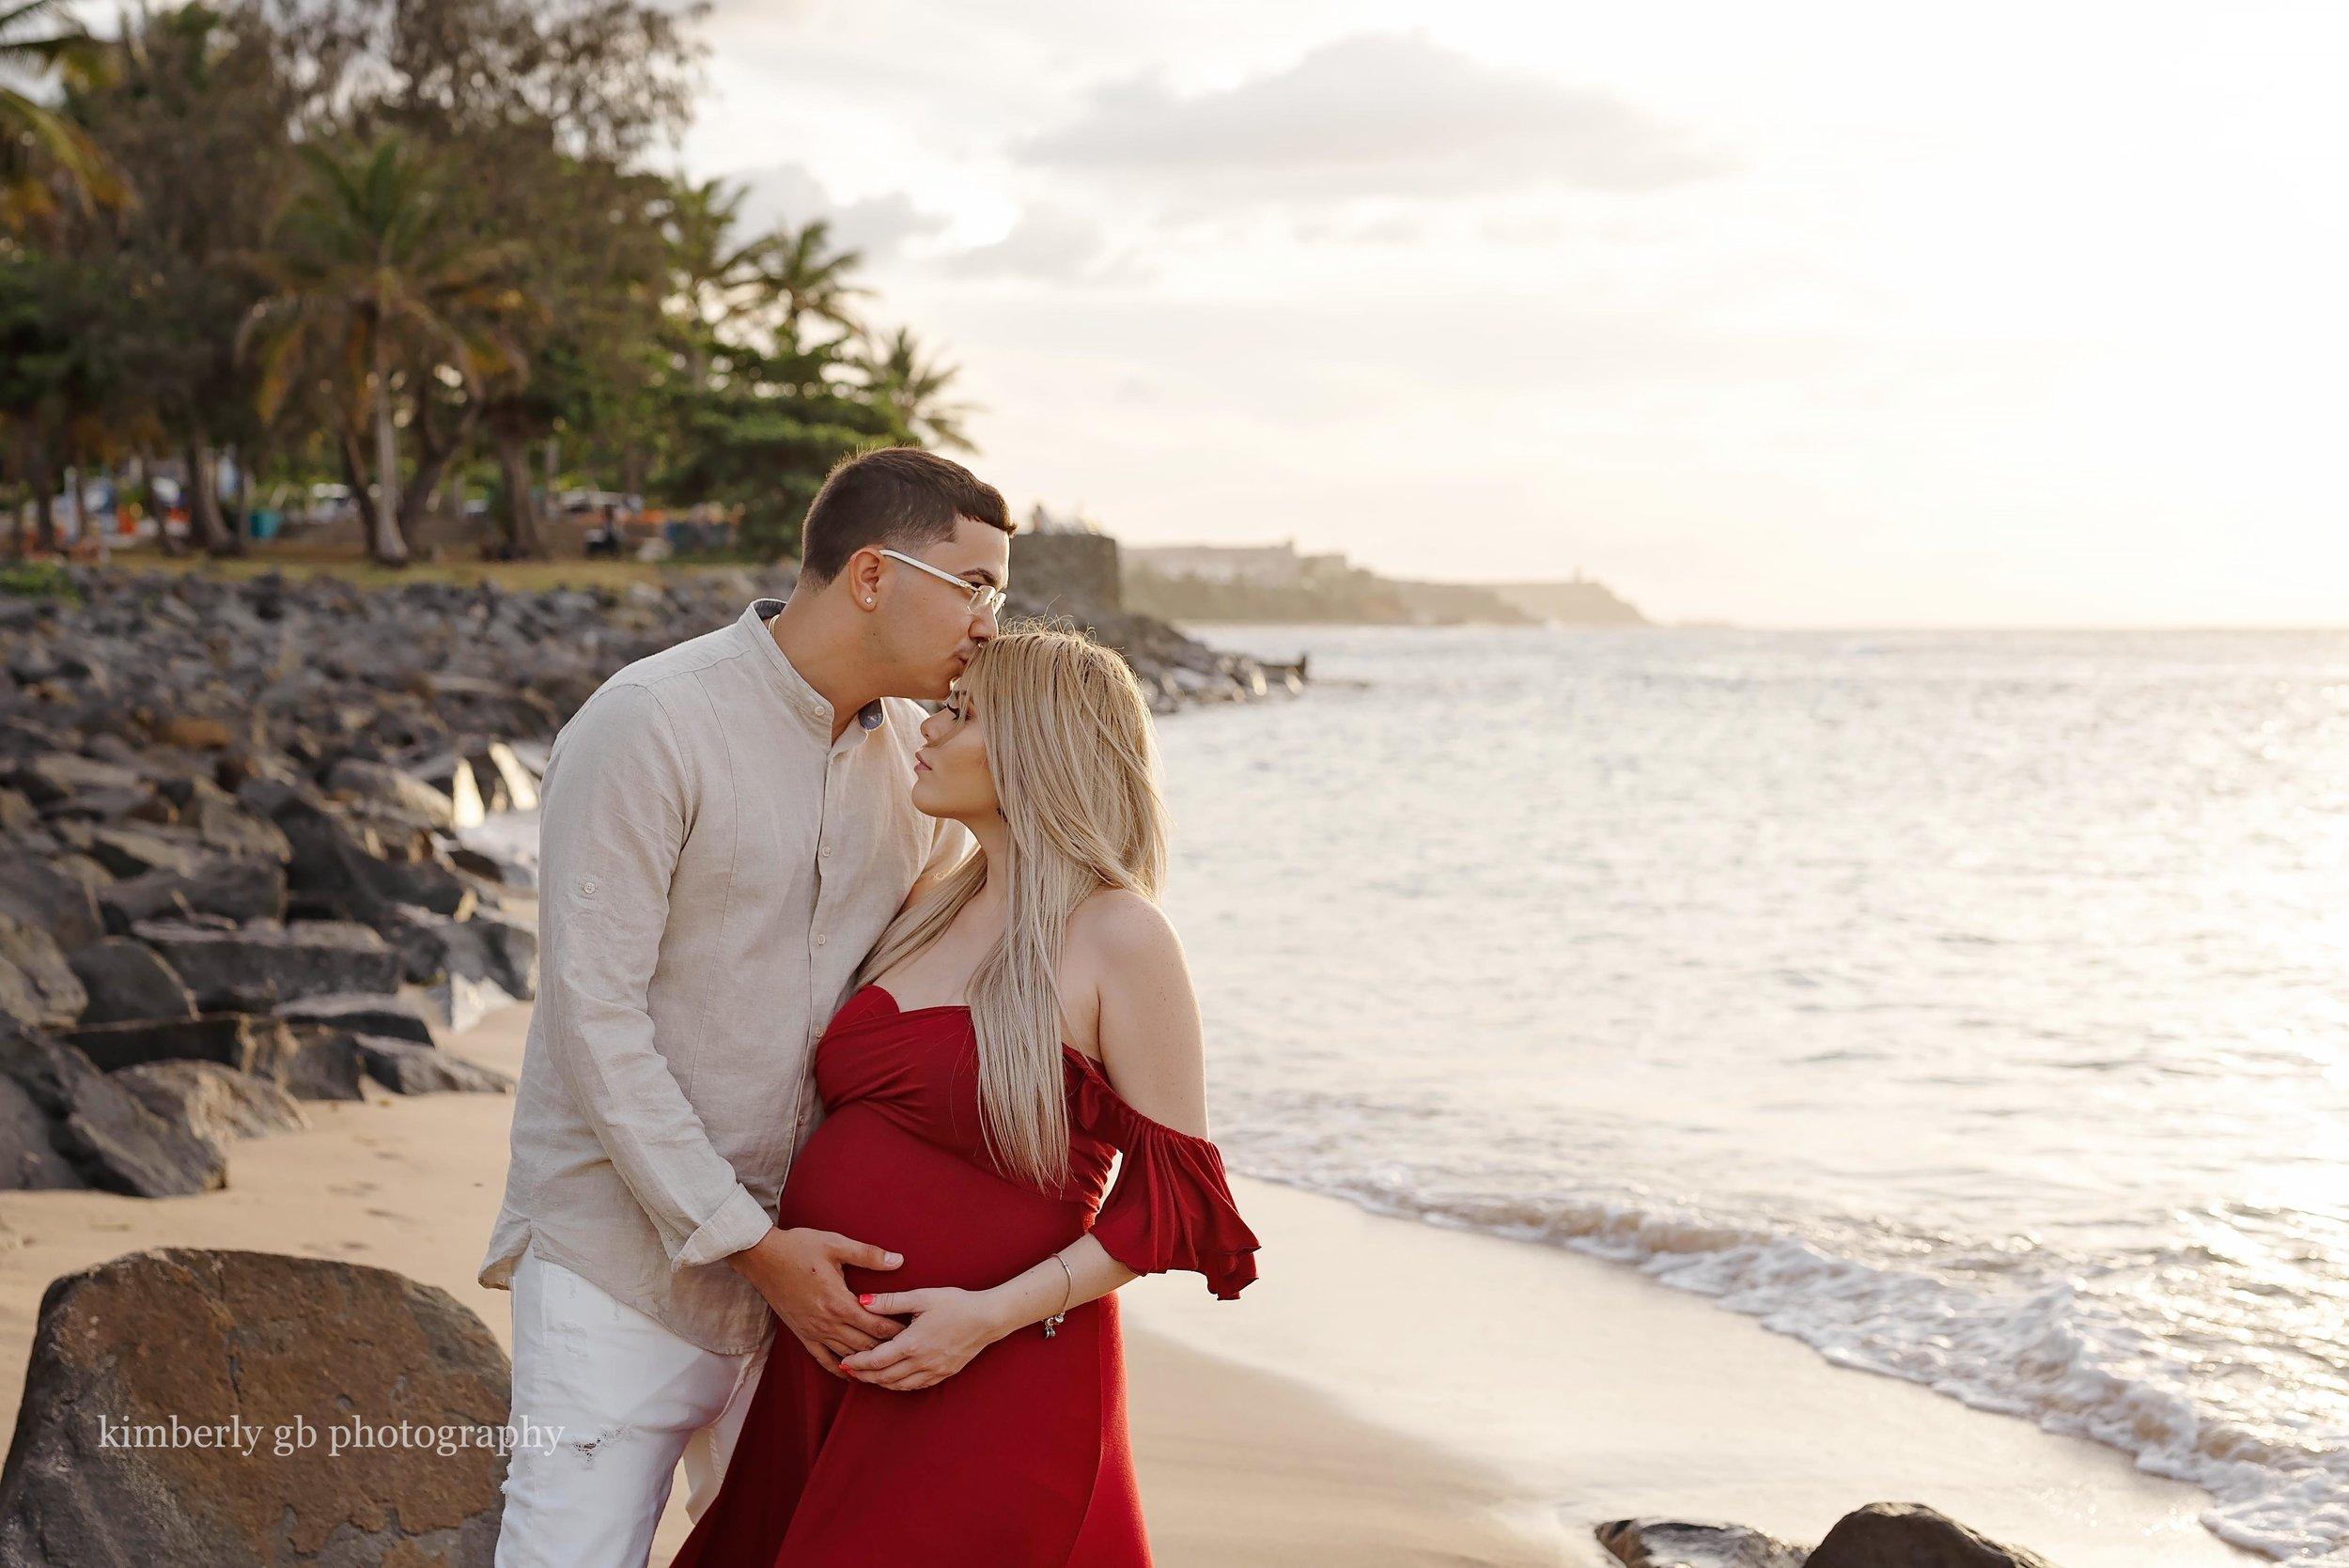 fotografia-fotografa-de-maternidad-embarazo-embarazada-en-puerto-rico-fotografia-217.jpg